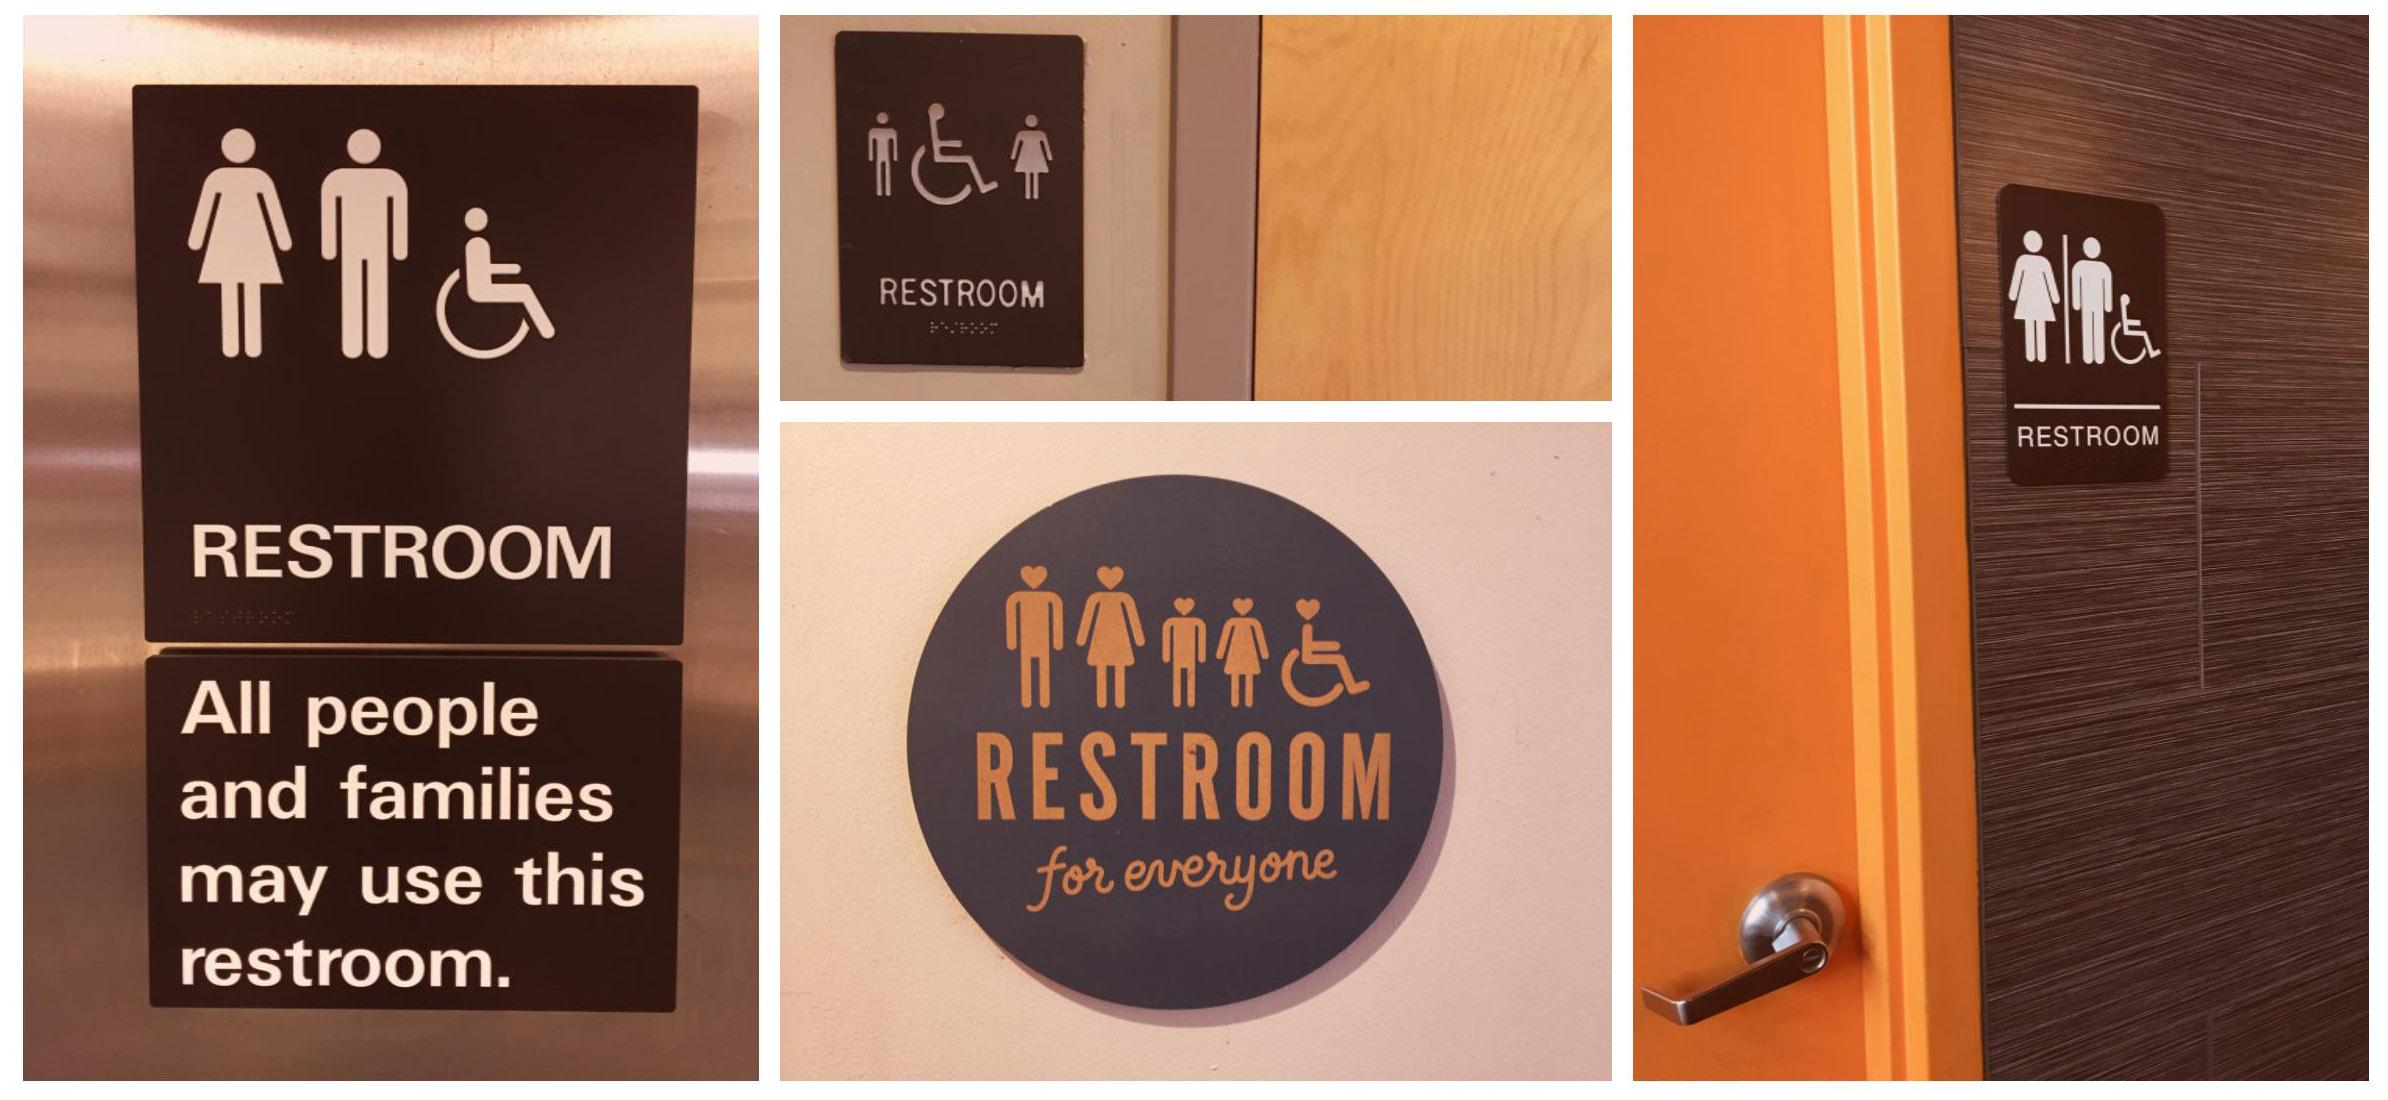 Denver Businesses Embrace Equitable Signage